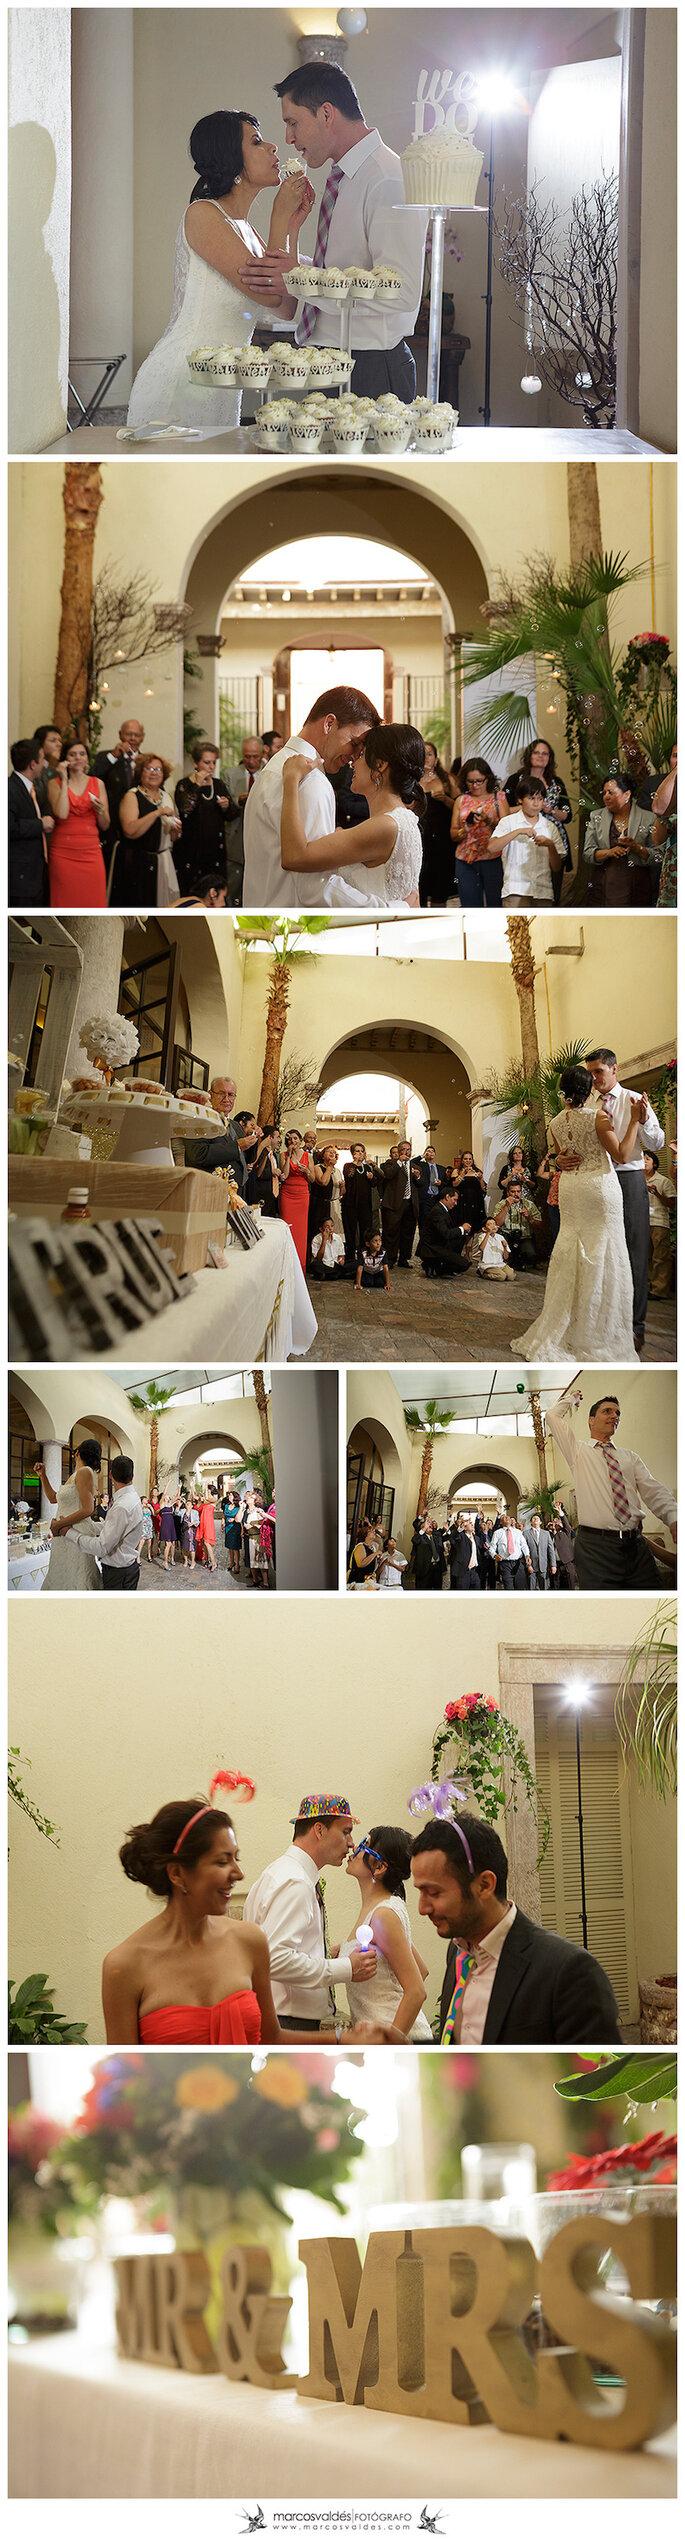 Cristina y Cory: una ceremonia mexica encantadora - Foto Marcos Valdés